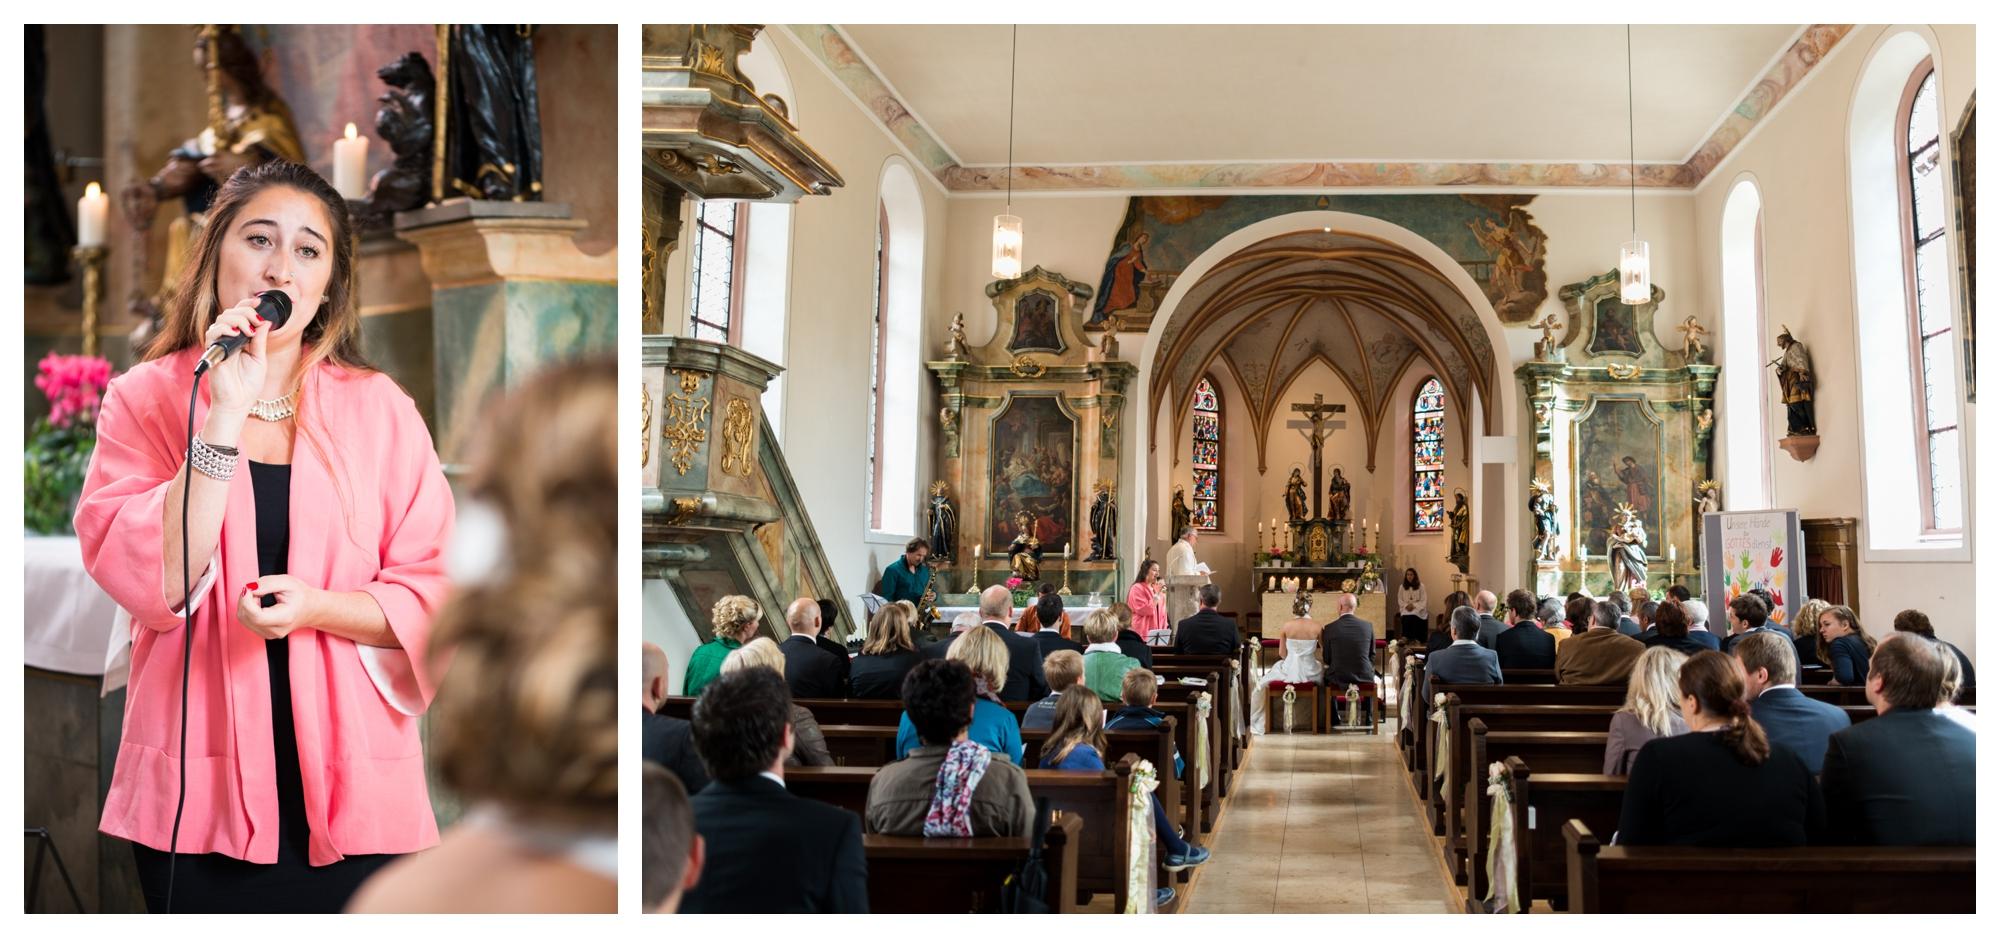 Fotograf Konstanz - Als Hochzeitsfotograf in Bad Dürrheim unterwegs  - 32 -